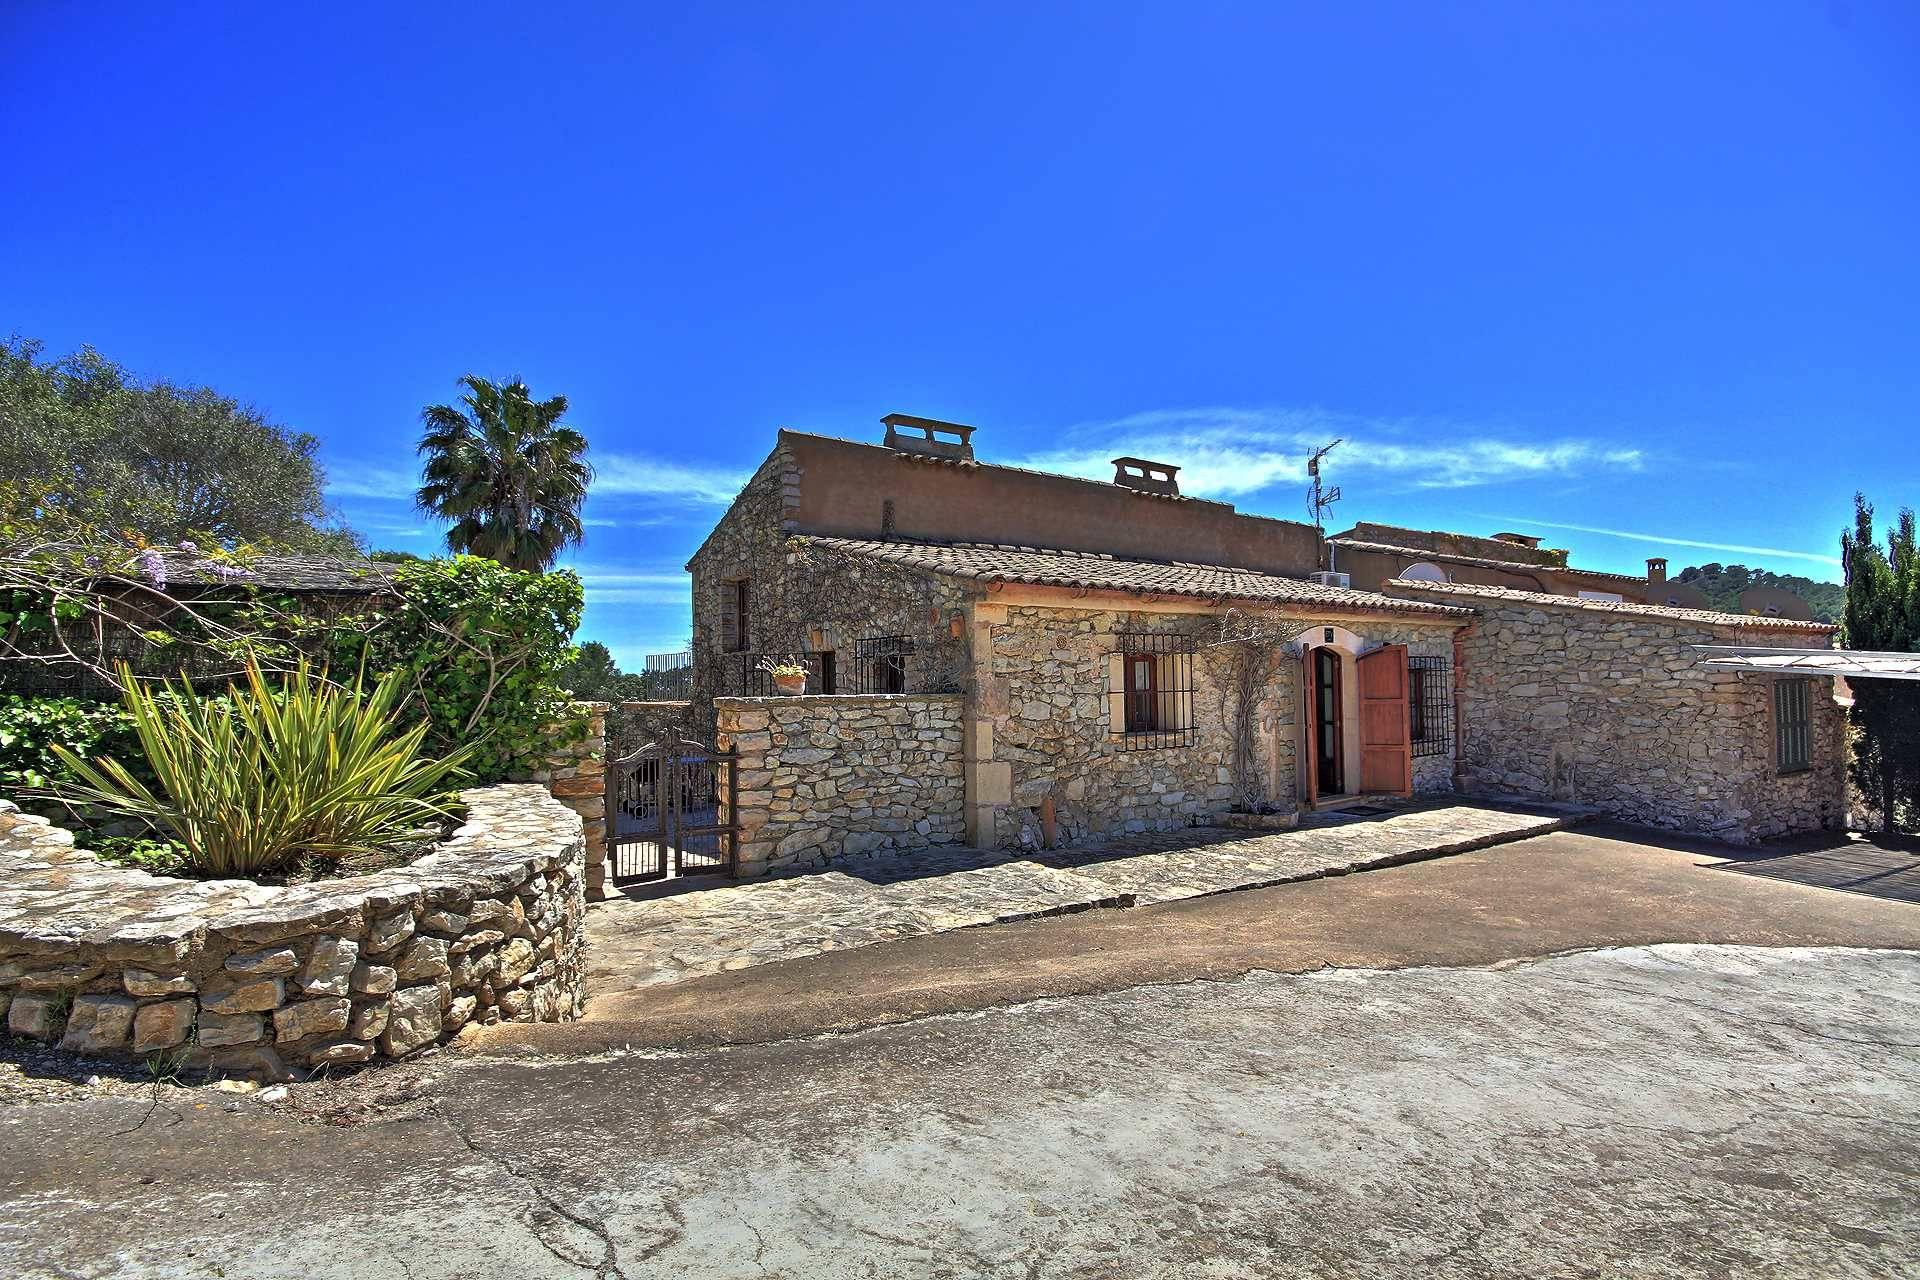 01-15 Familienfreundliche Finca Mallorca Osten Bild 1